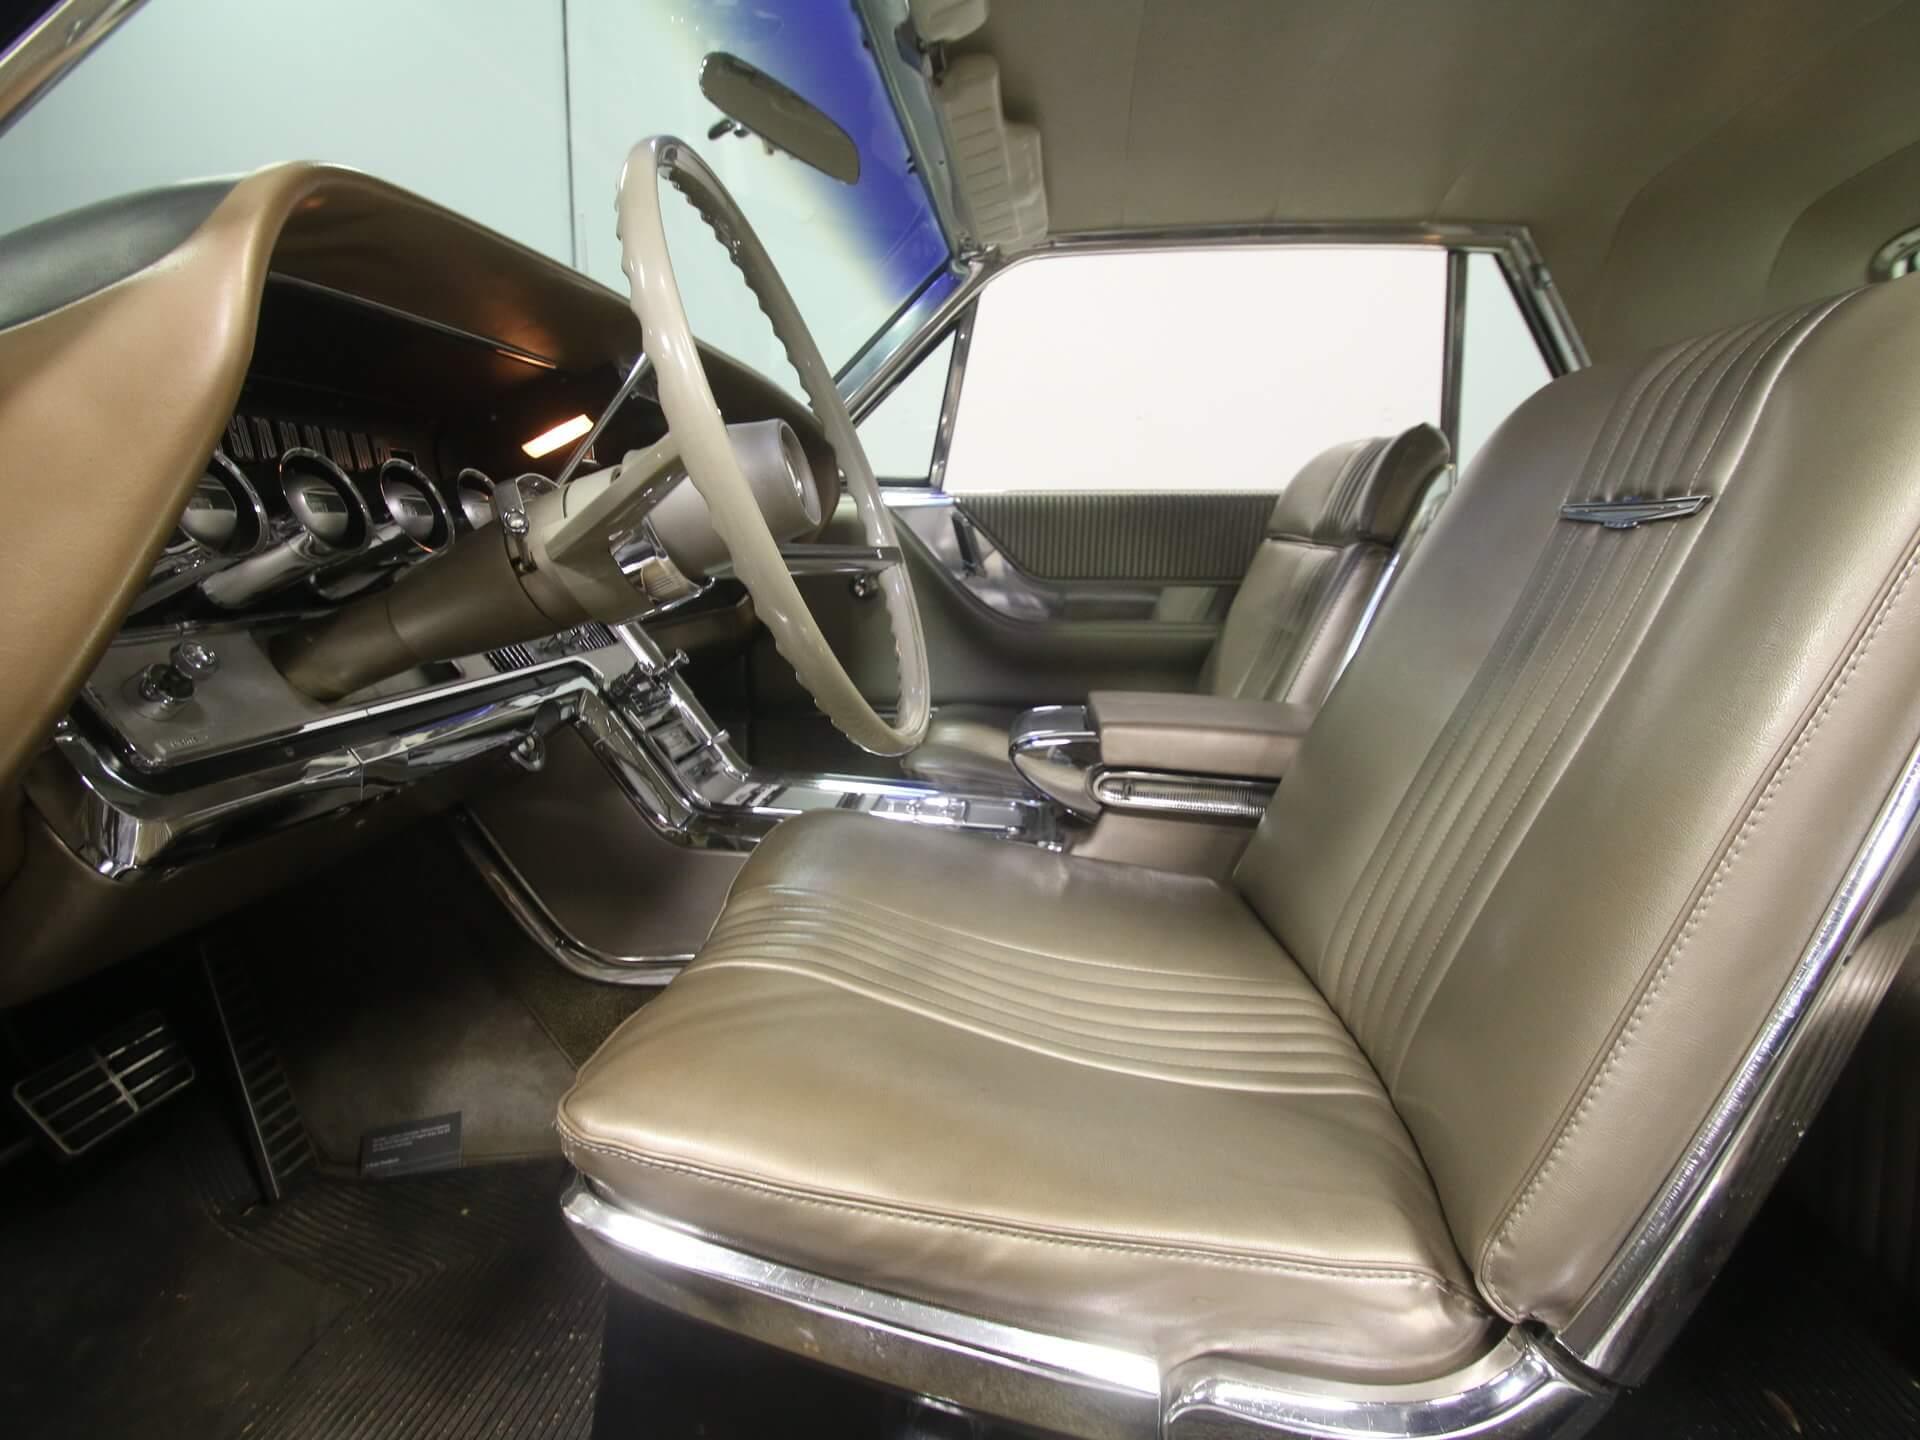 Ford Thunderbird 1964 T bird interior light beige code 54A